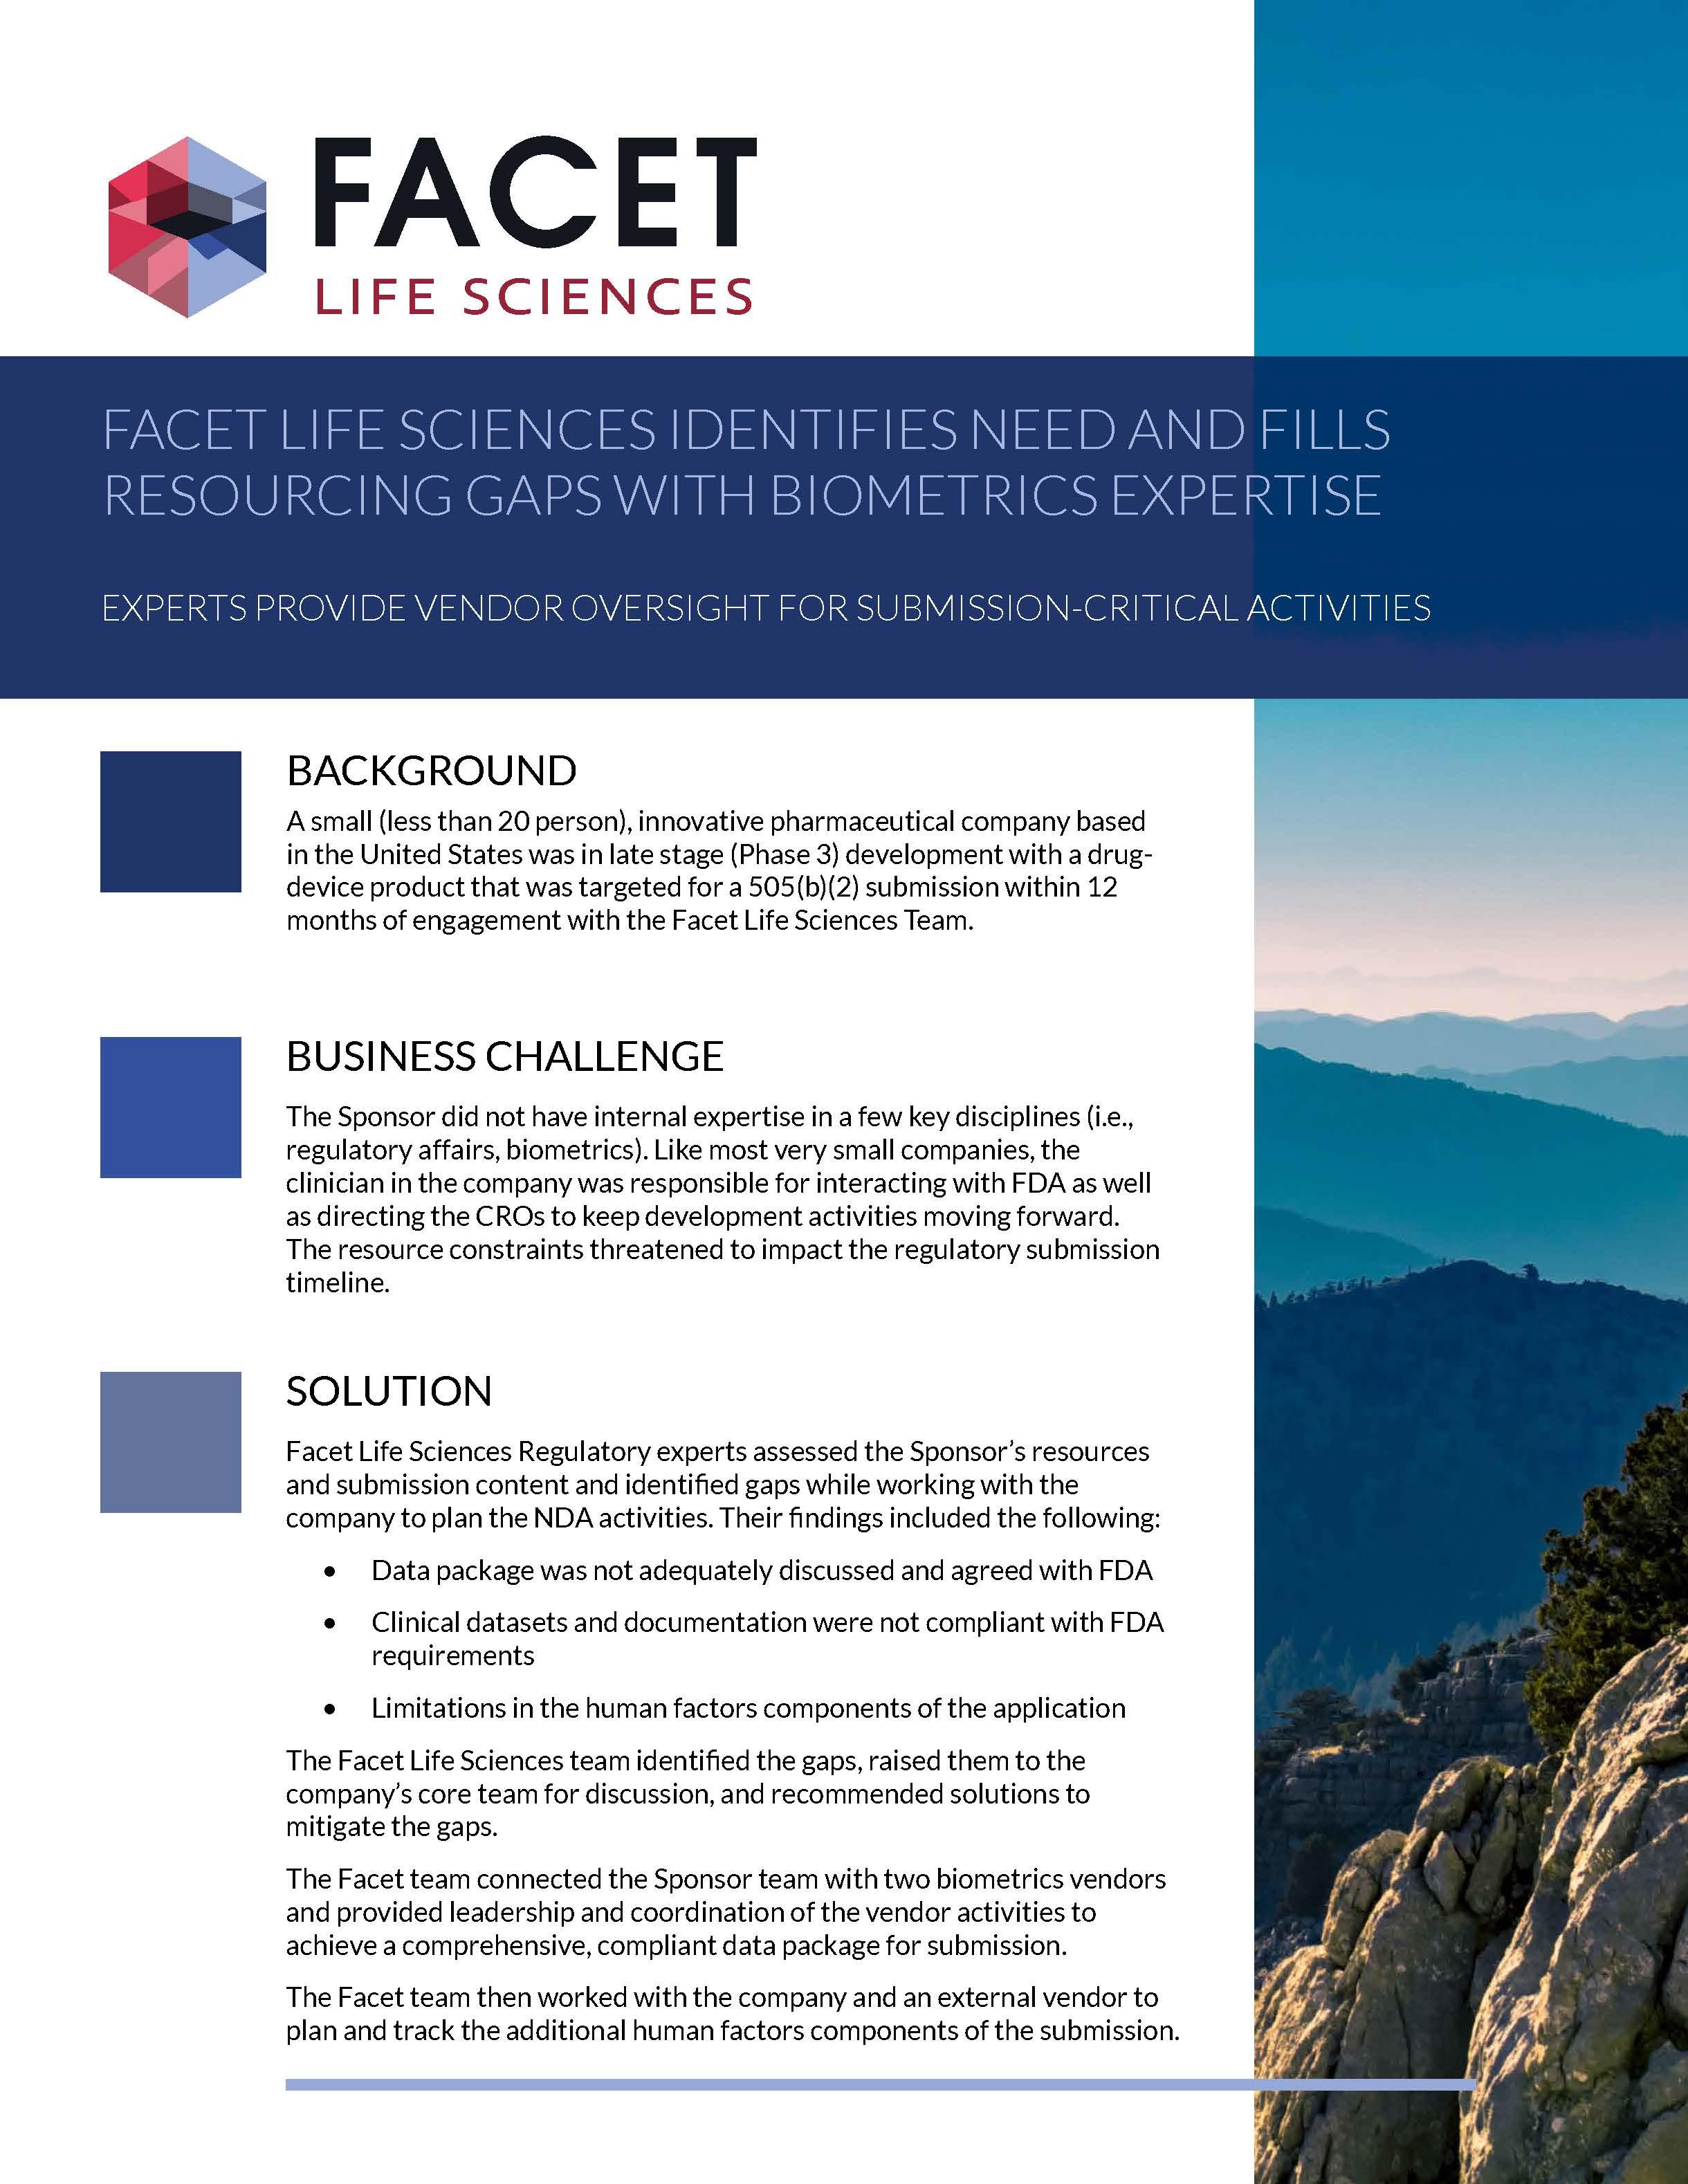 Services Case Studies – Facet Life Sciences